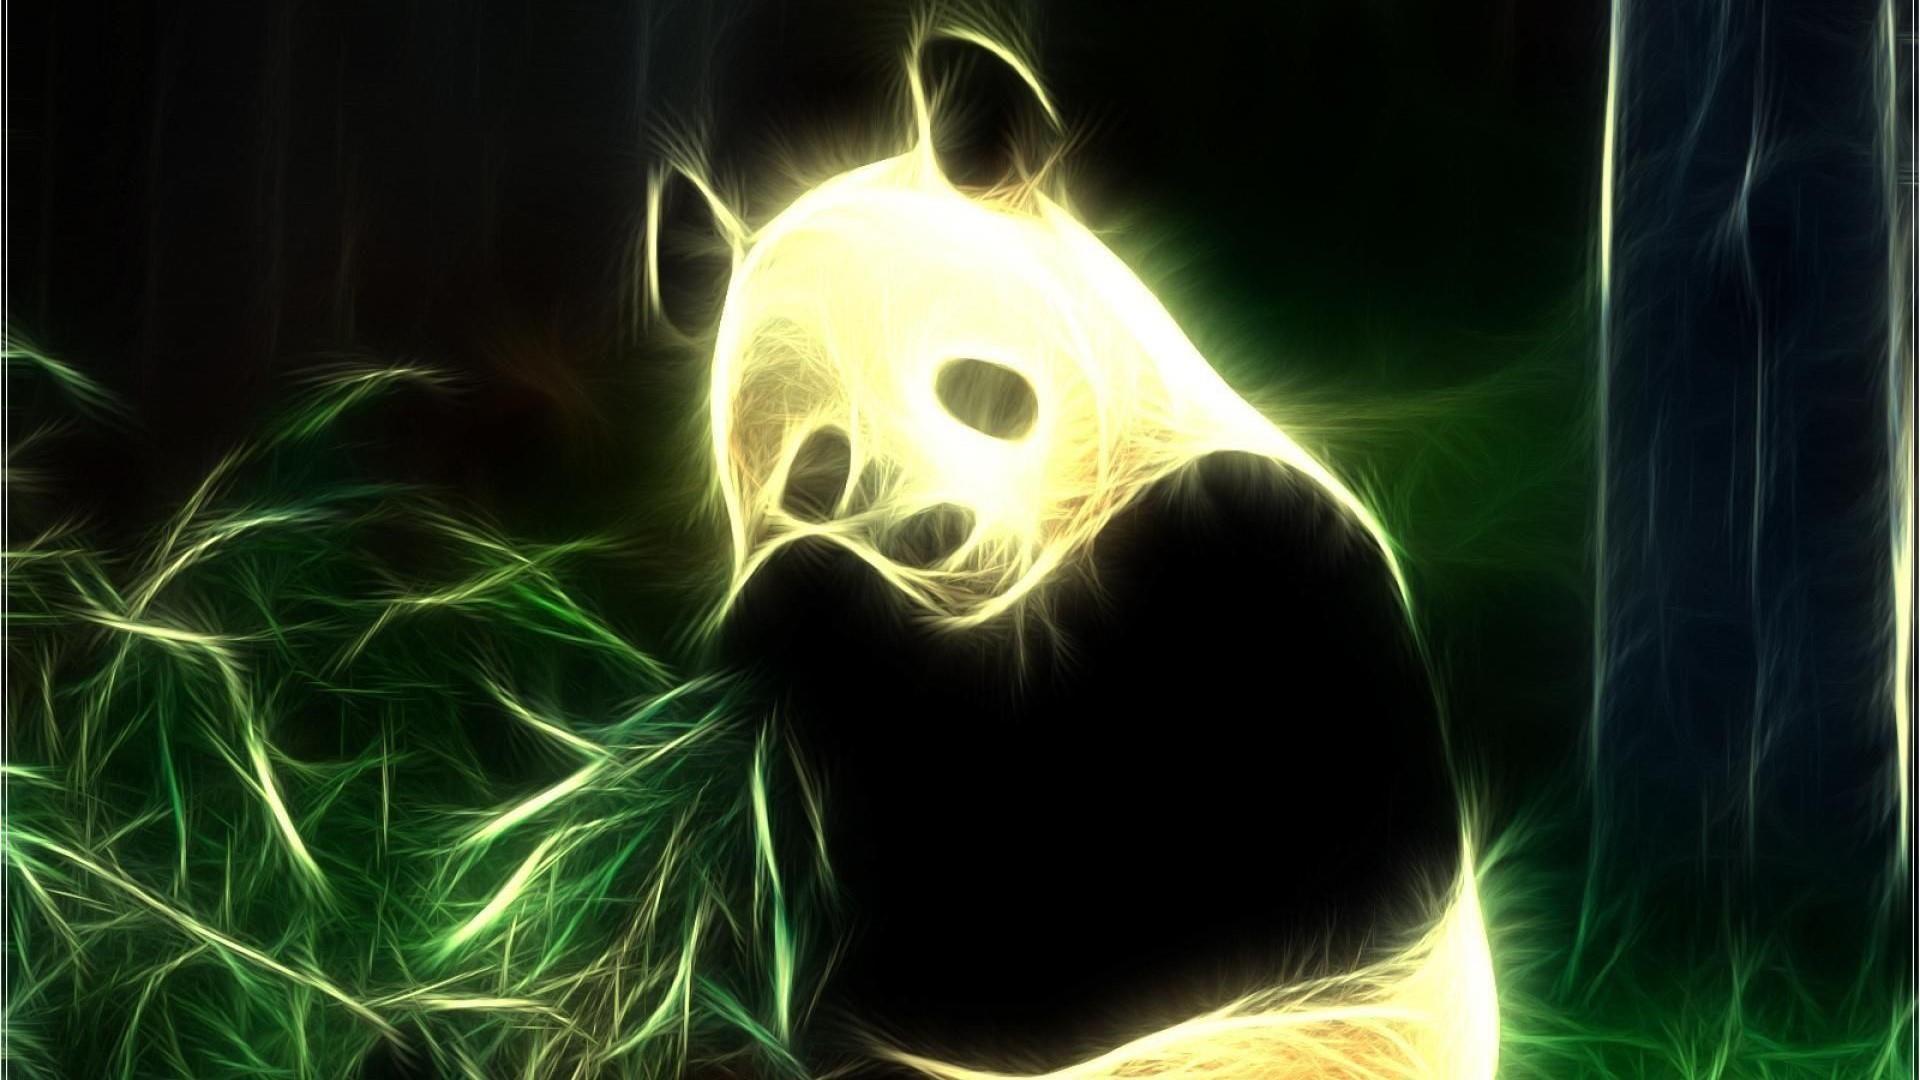 Neon Wallpapers Panda Wallpaper Cave Panda Wallpapers Neon Wallpaper Neon